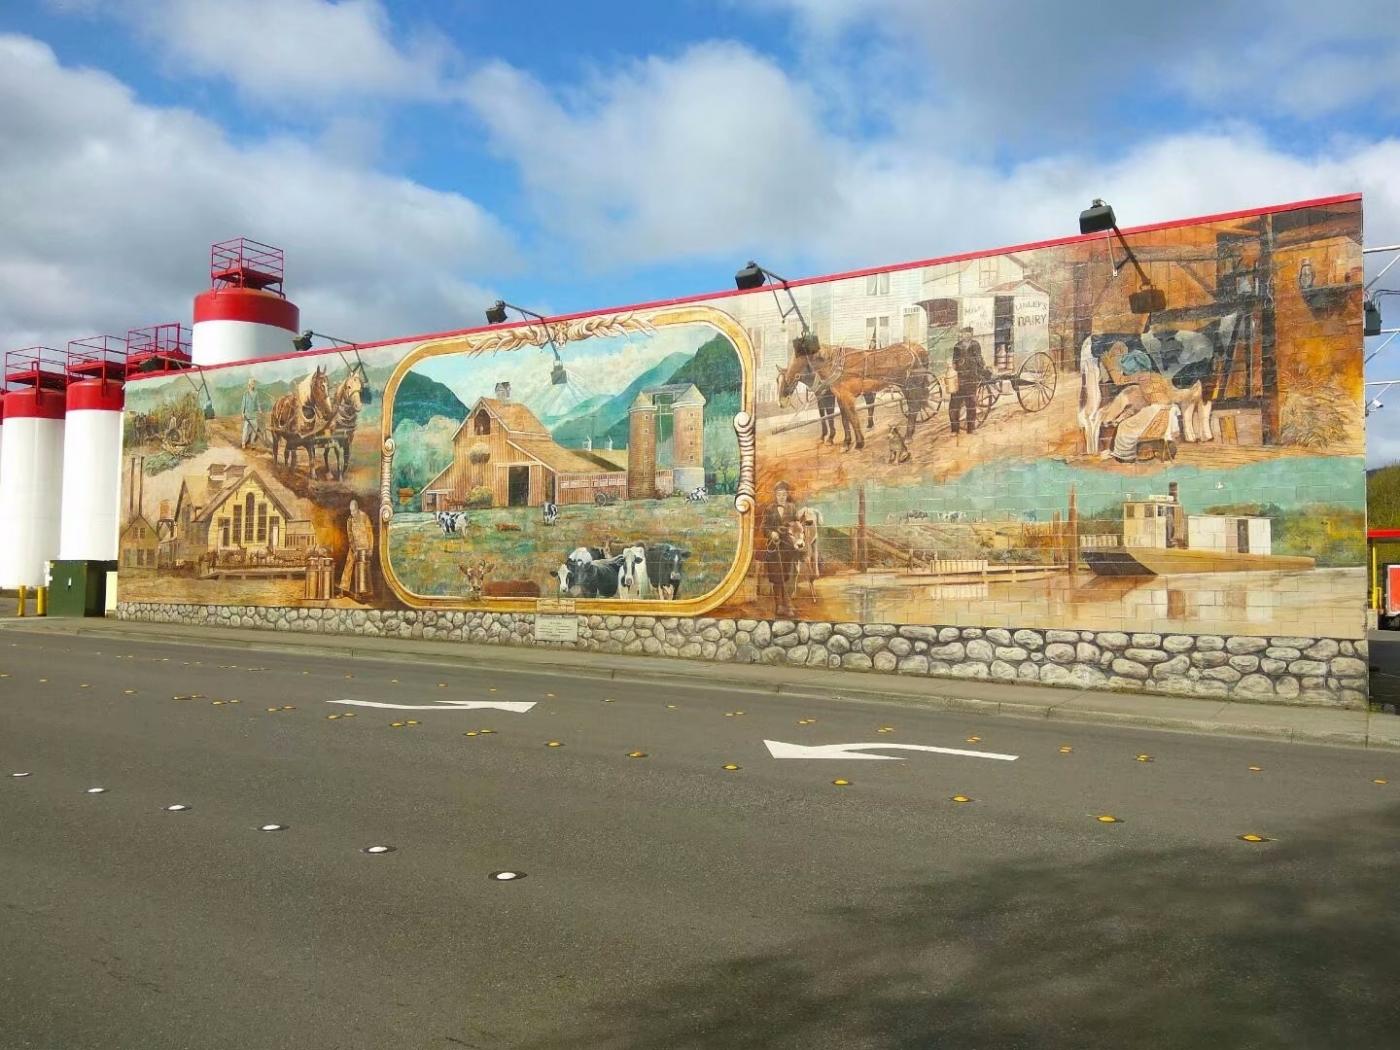 美国小镇街边壁画(图)_图1-11